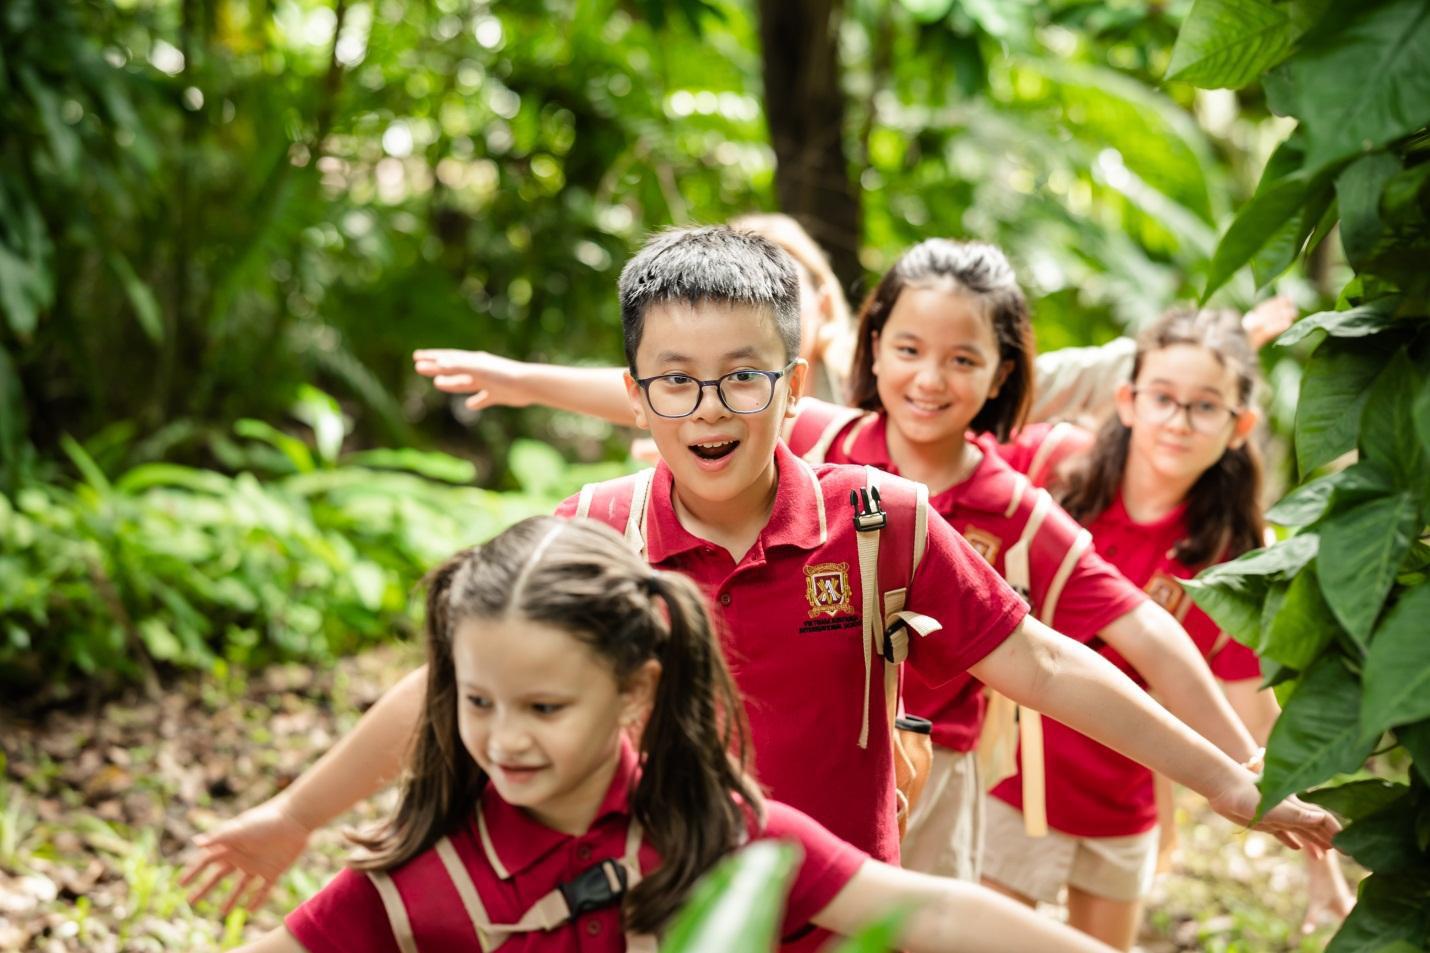 Thỏa sức vui học, khám phá và phát triển kỹ năng tại Trại hè Anh ngữ VAS - Ảnh 1.